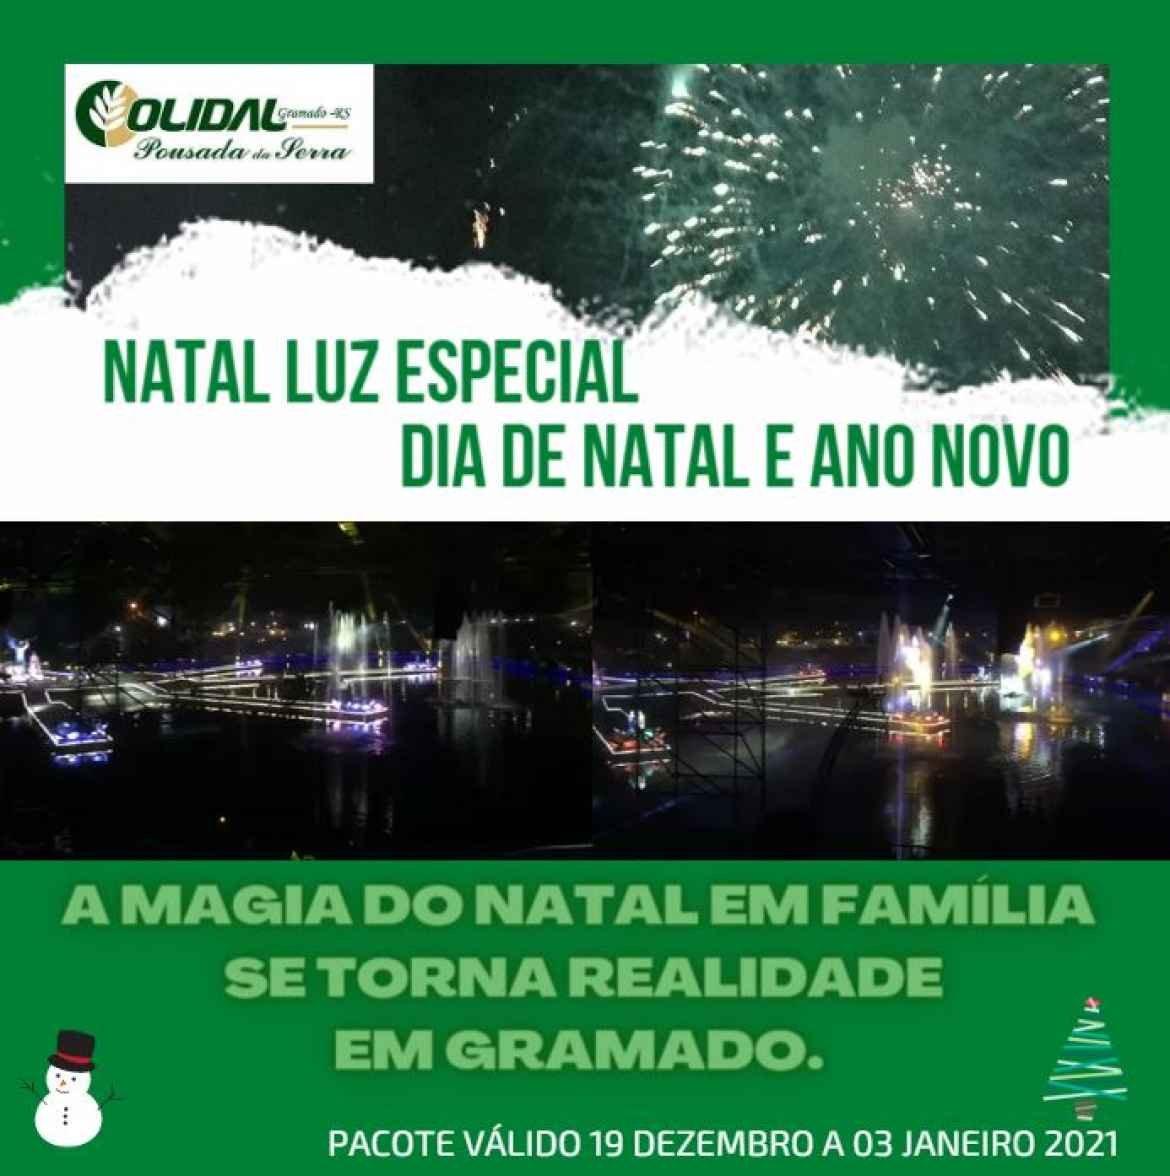 Pacote Especial Dia de  Natal  e Ano Novo  no Natal Luz em Gramado na Serra Gaúcha  2020/2021